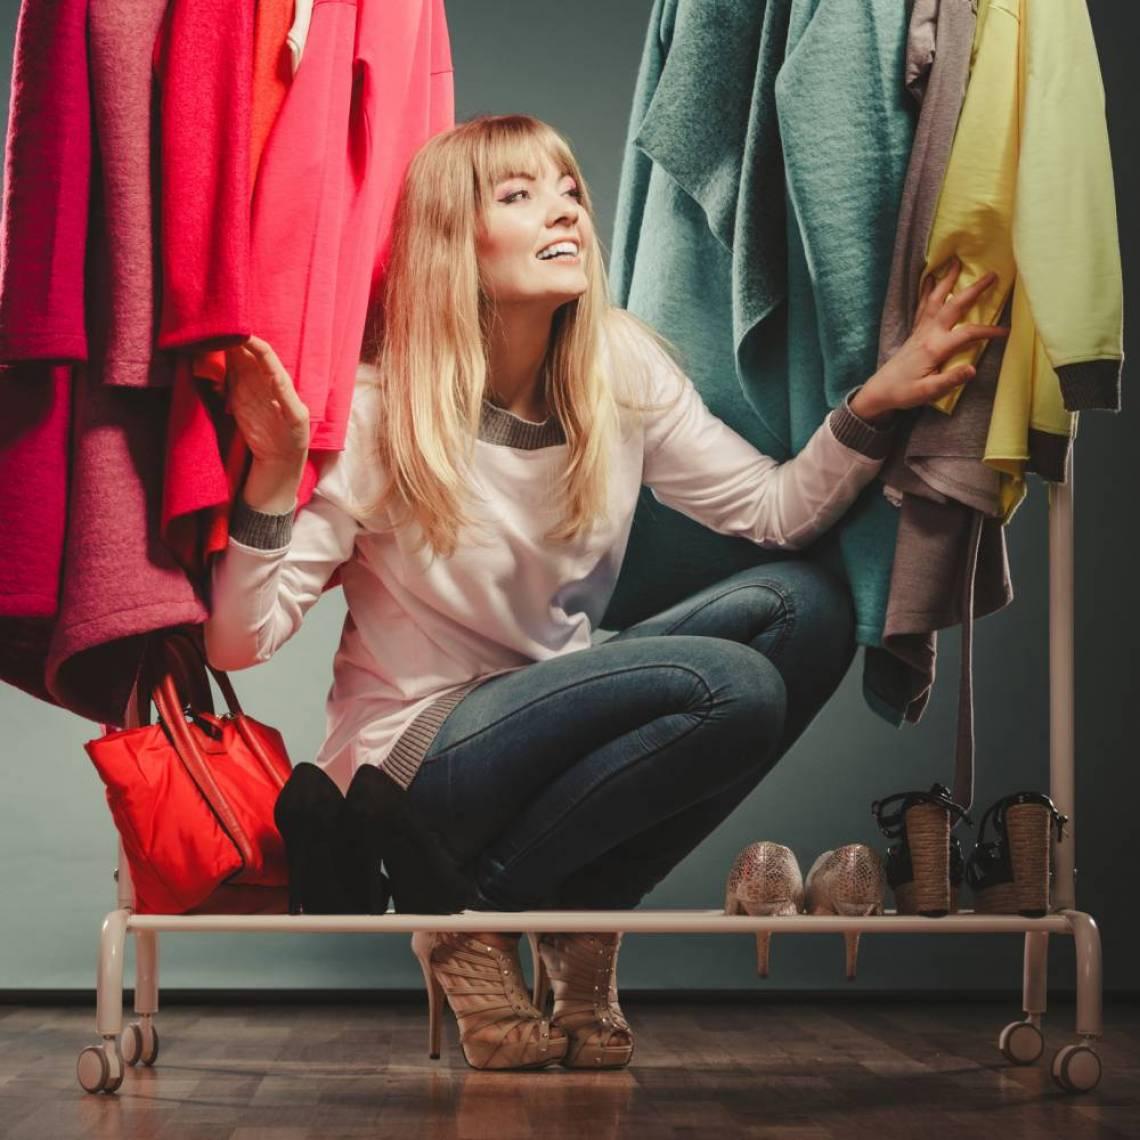 Comment associer les couleurs de vos vêtements ?